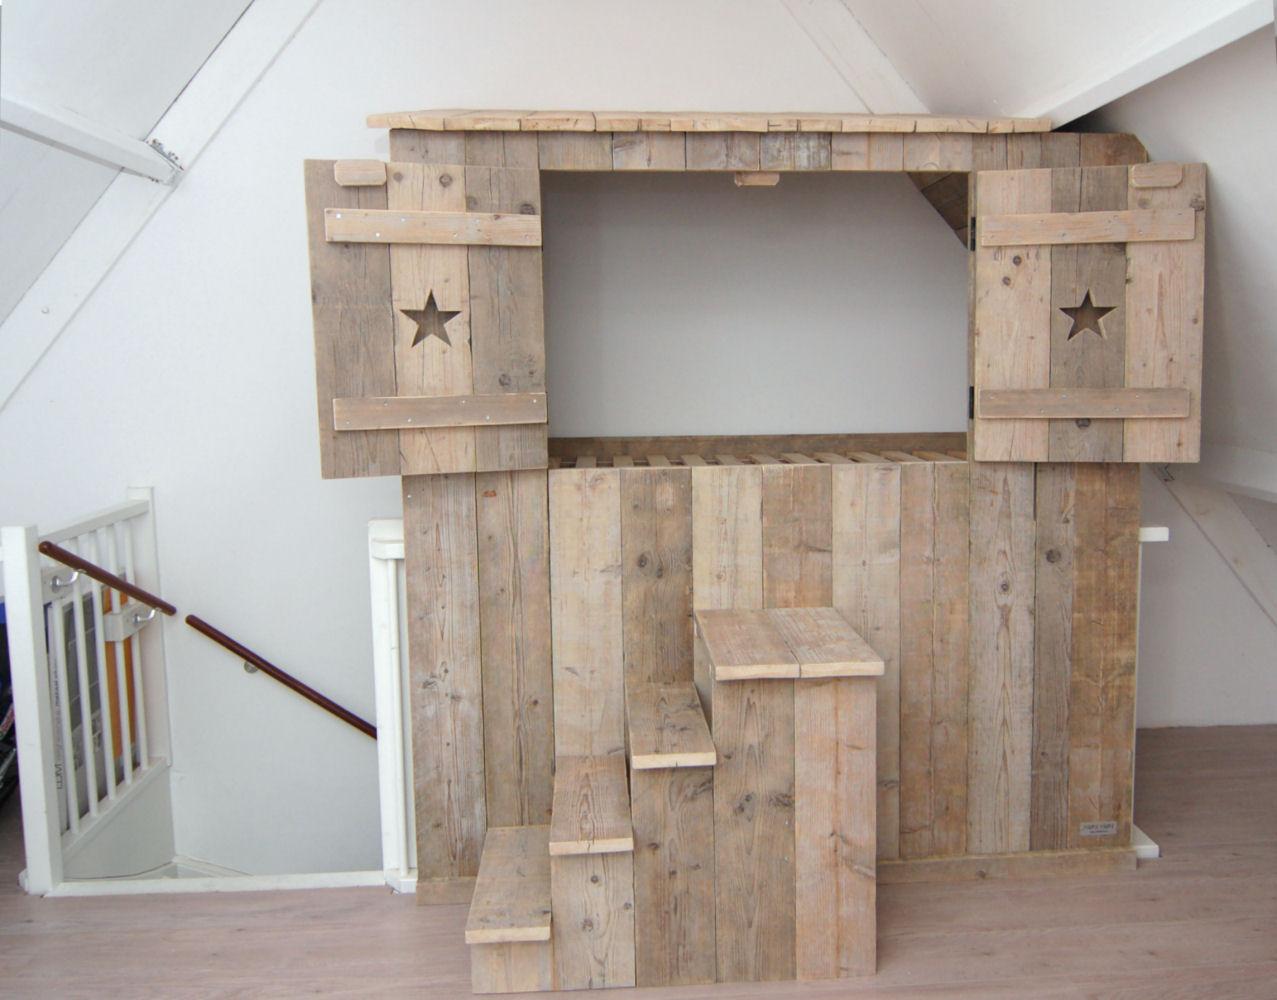 Inbouw bedstee avontuur in elke kinderkamer mura mura for Meubels keukens bedden matrassen banken kasten ikea